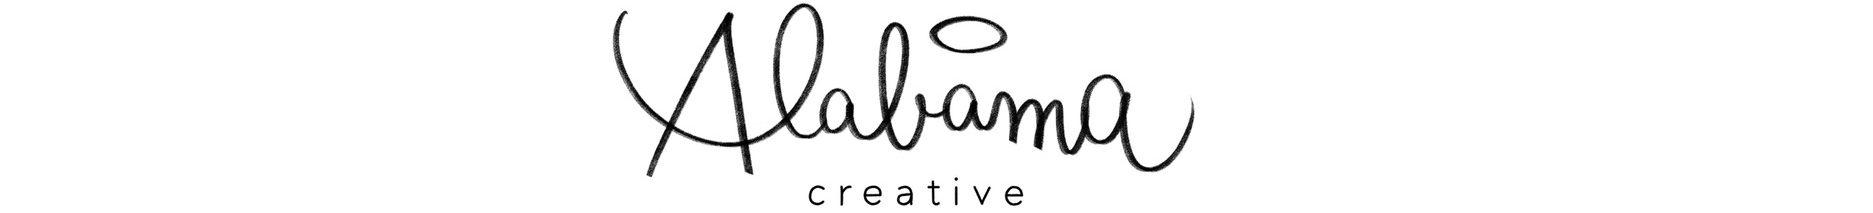 alabama creative